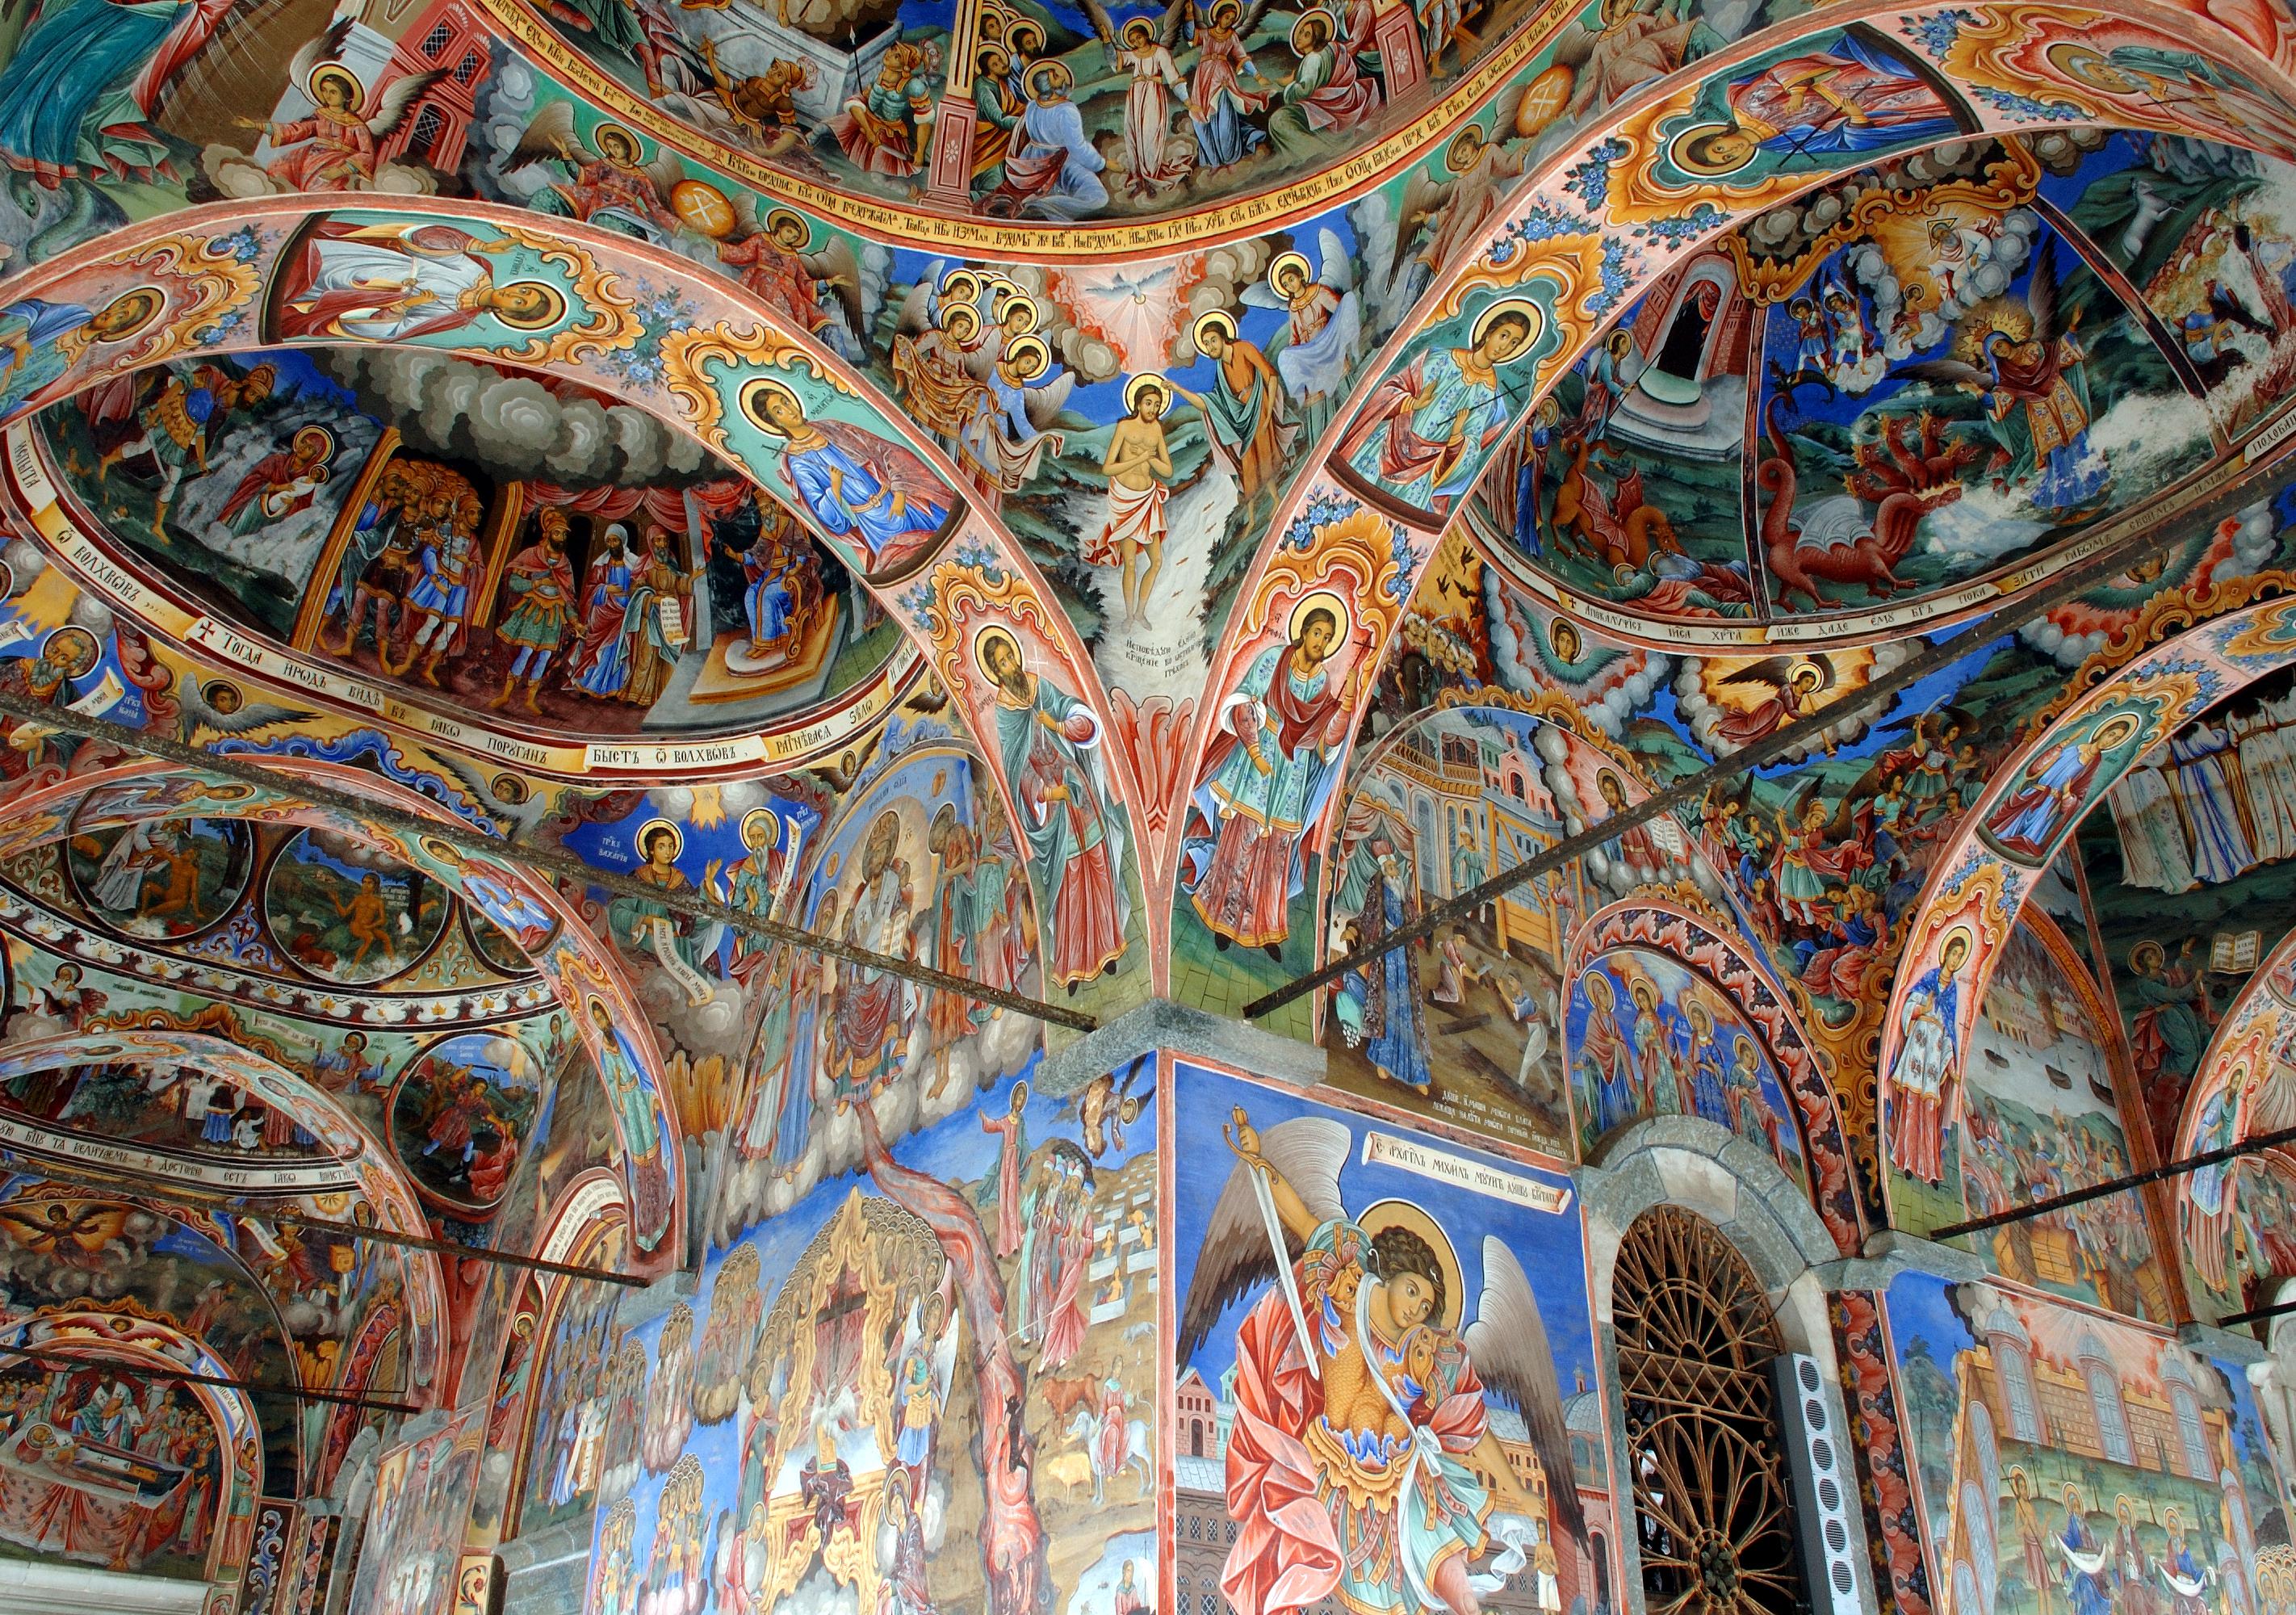 Donde la naturaleza se rinde a los pies de este monasterio ortodoxo - Bulgaria Circuito Bulgaria Artística